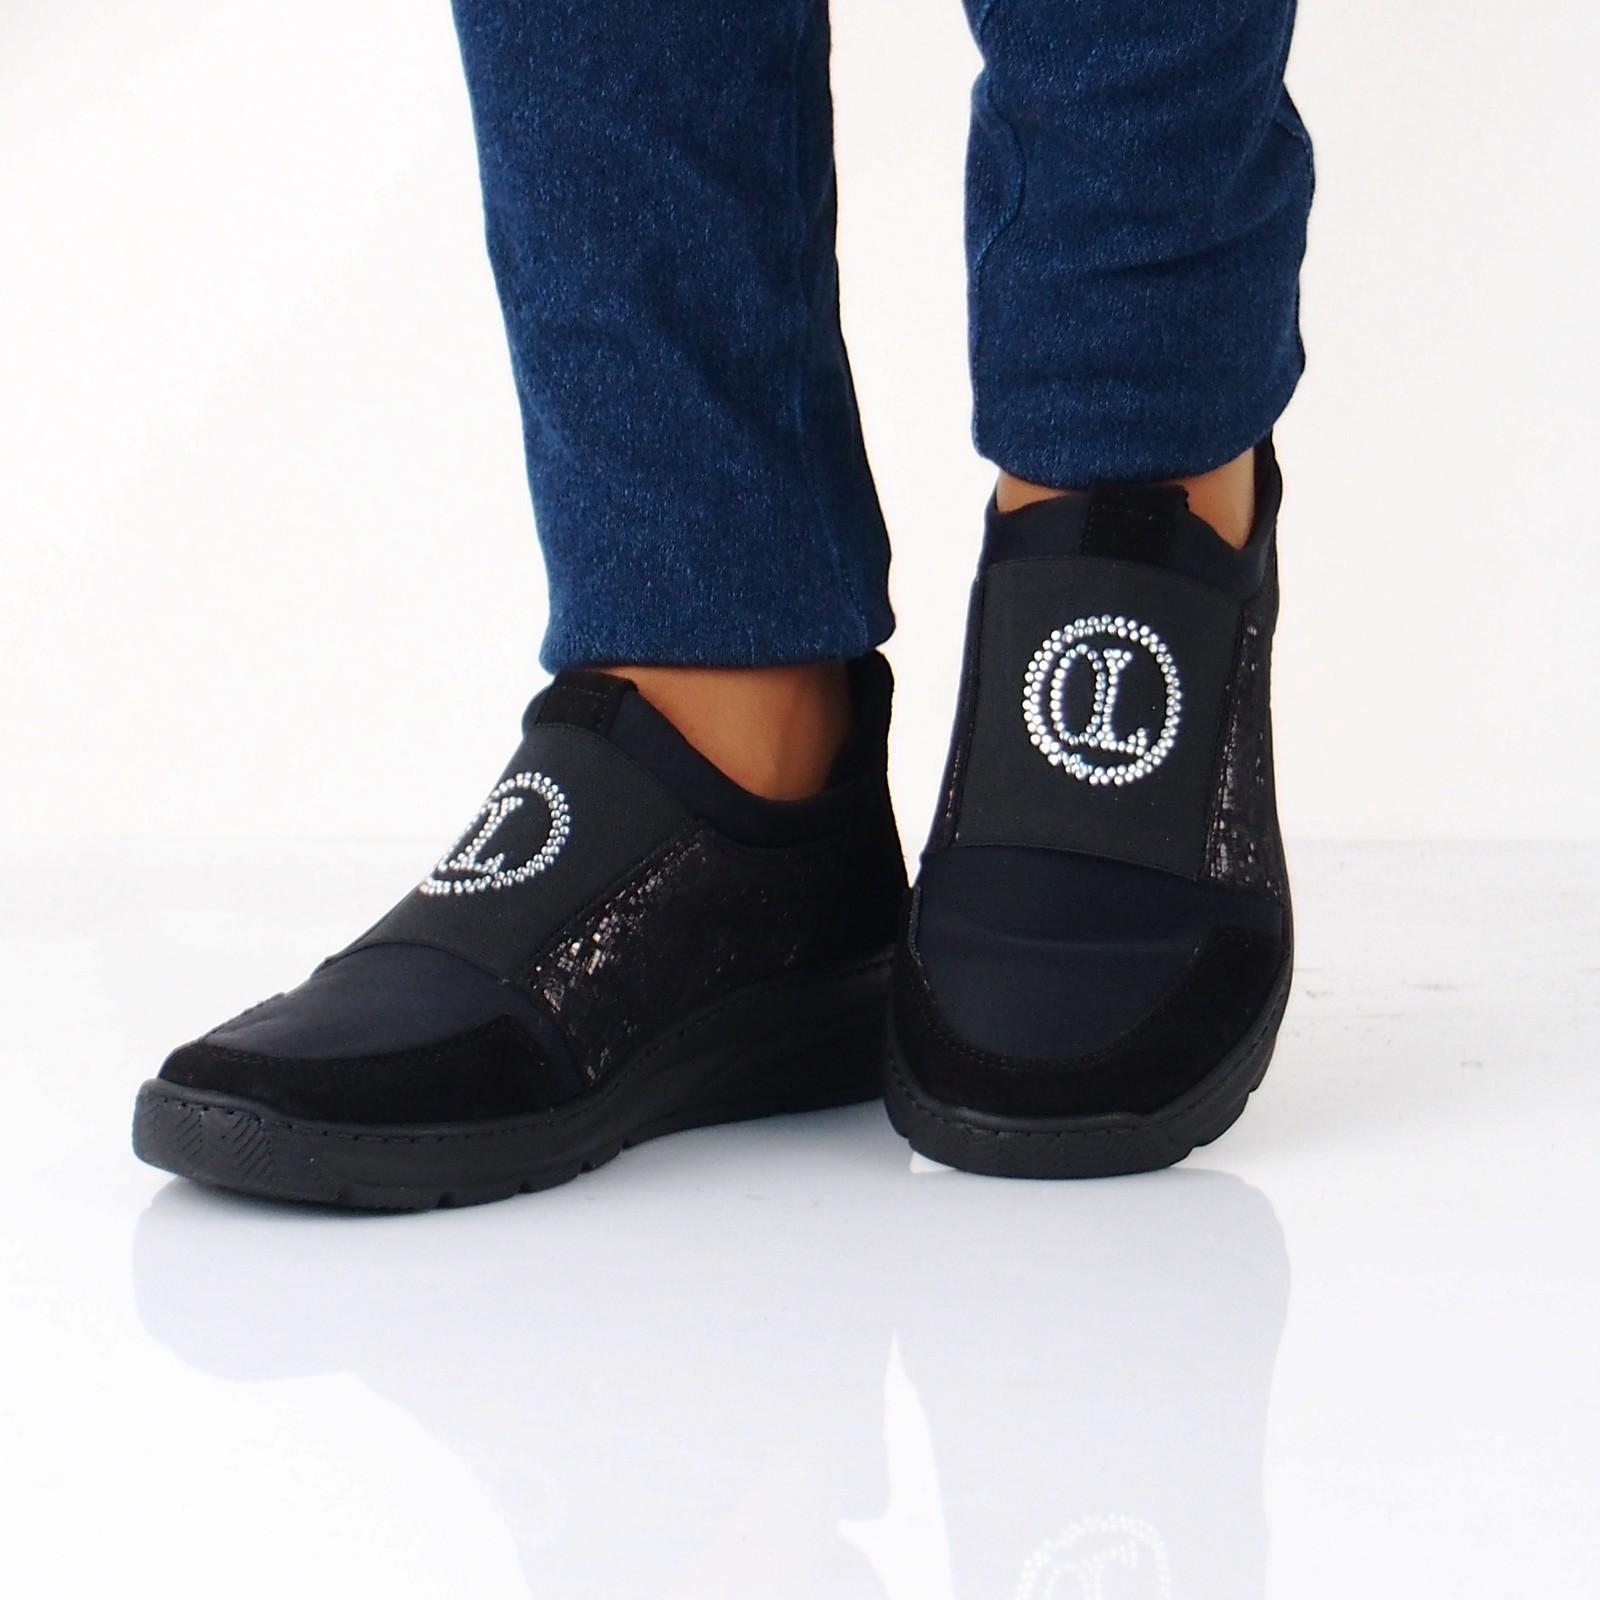 4aca299320bd Olivia shoes dámske tenisky s ozdobnými kamienkami - čierne ...